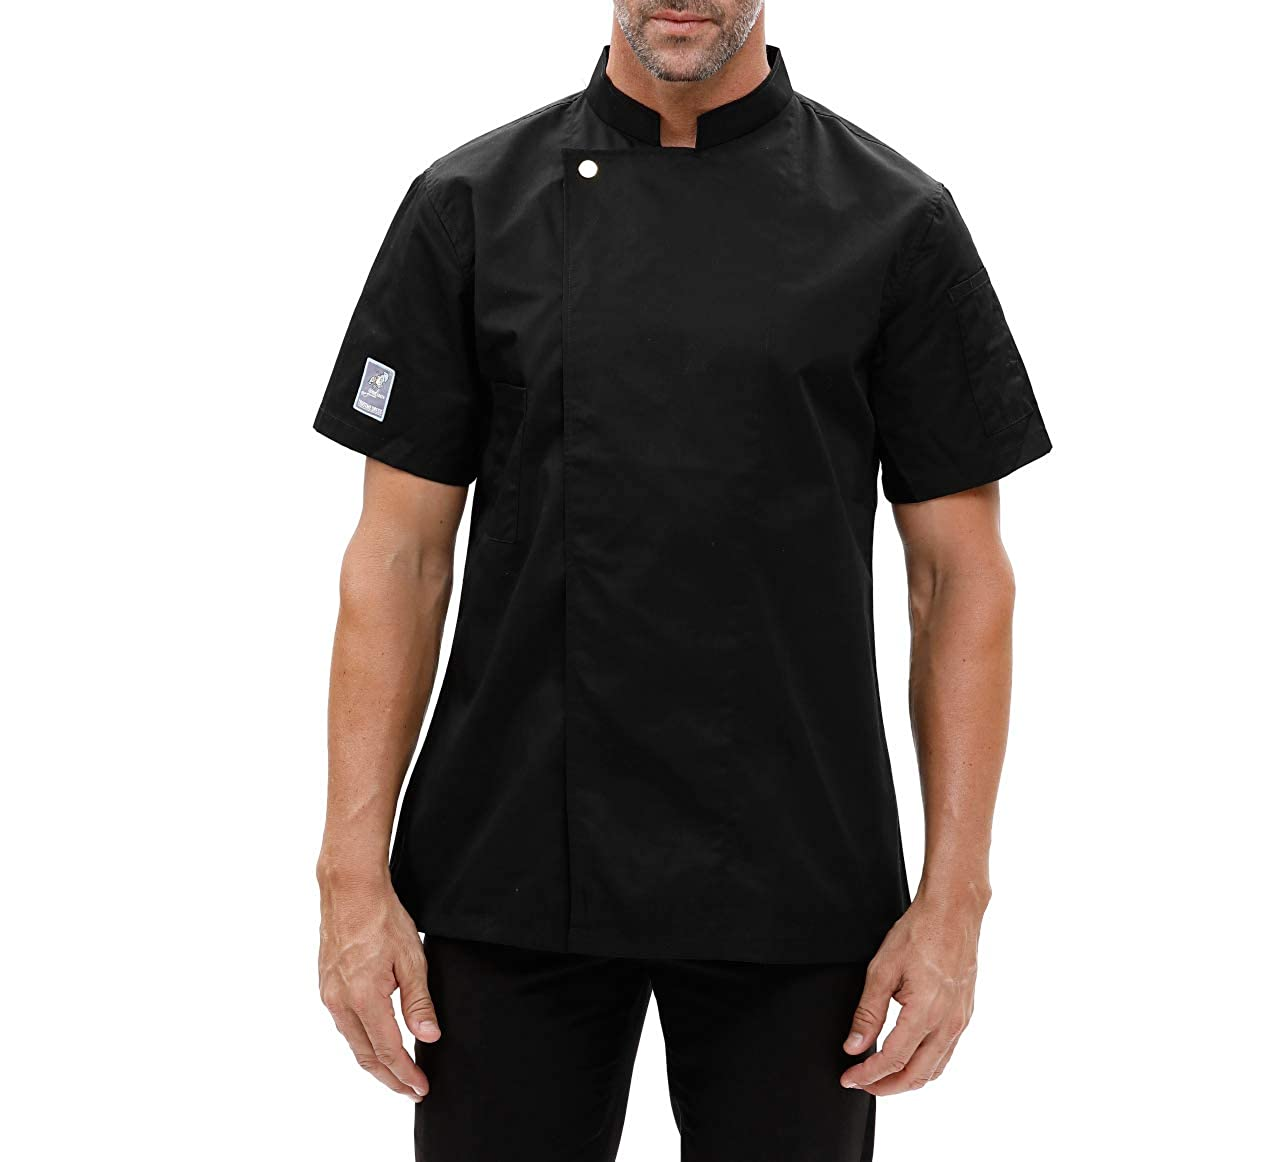 TETSUMAY Chef Coat Jacket Works Short Sleeve Single-Breasted Men Black